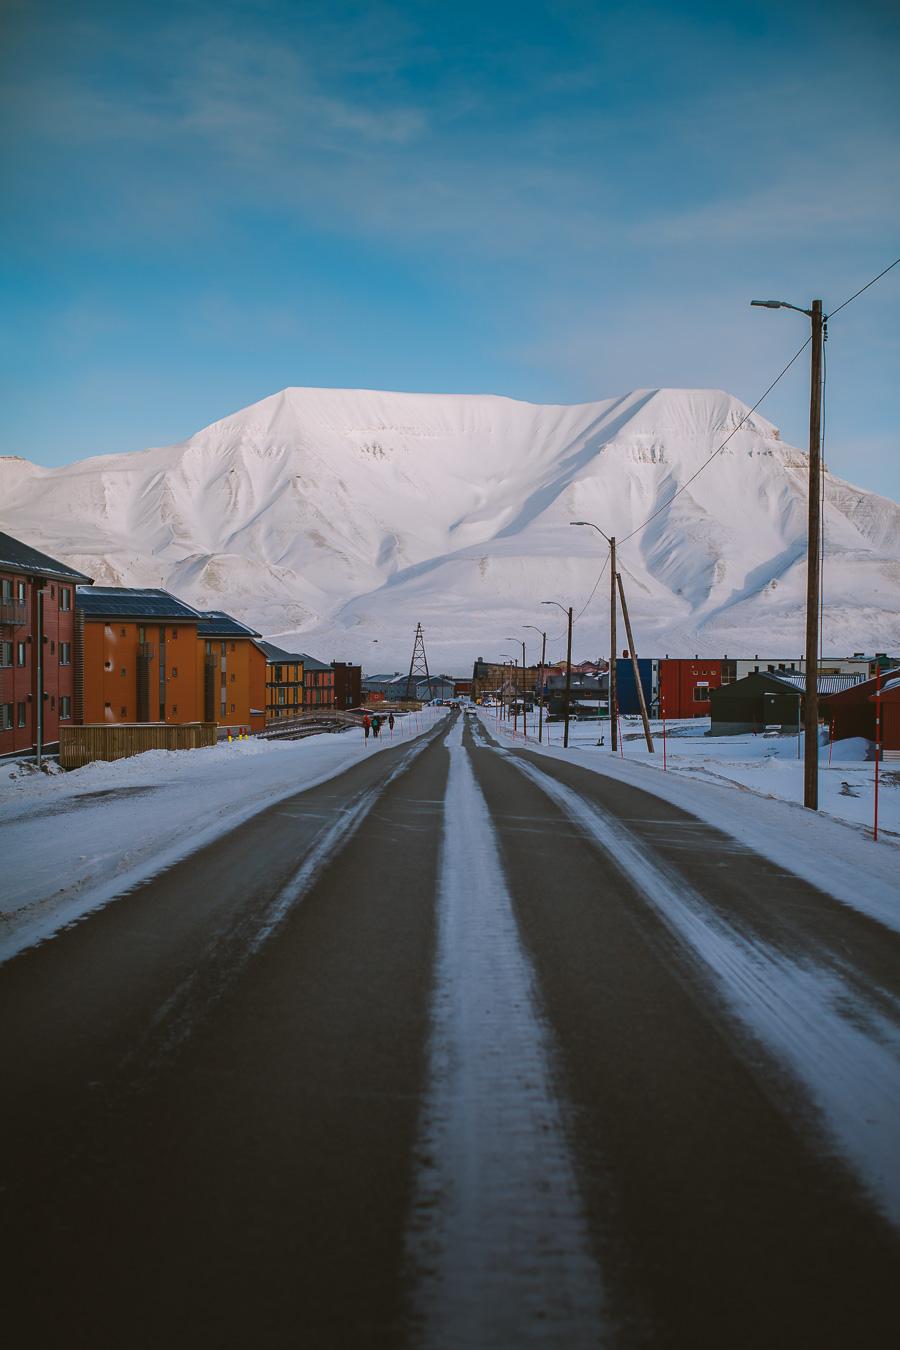 Roads of Longyearbyen on Svalbard